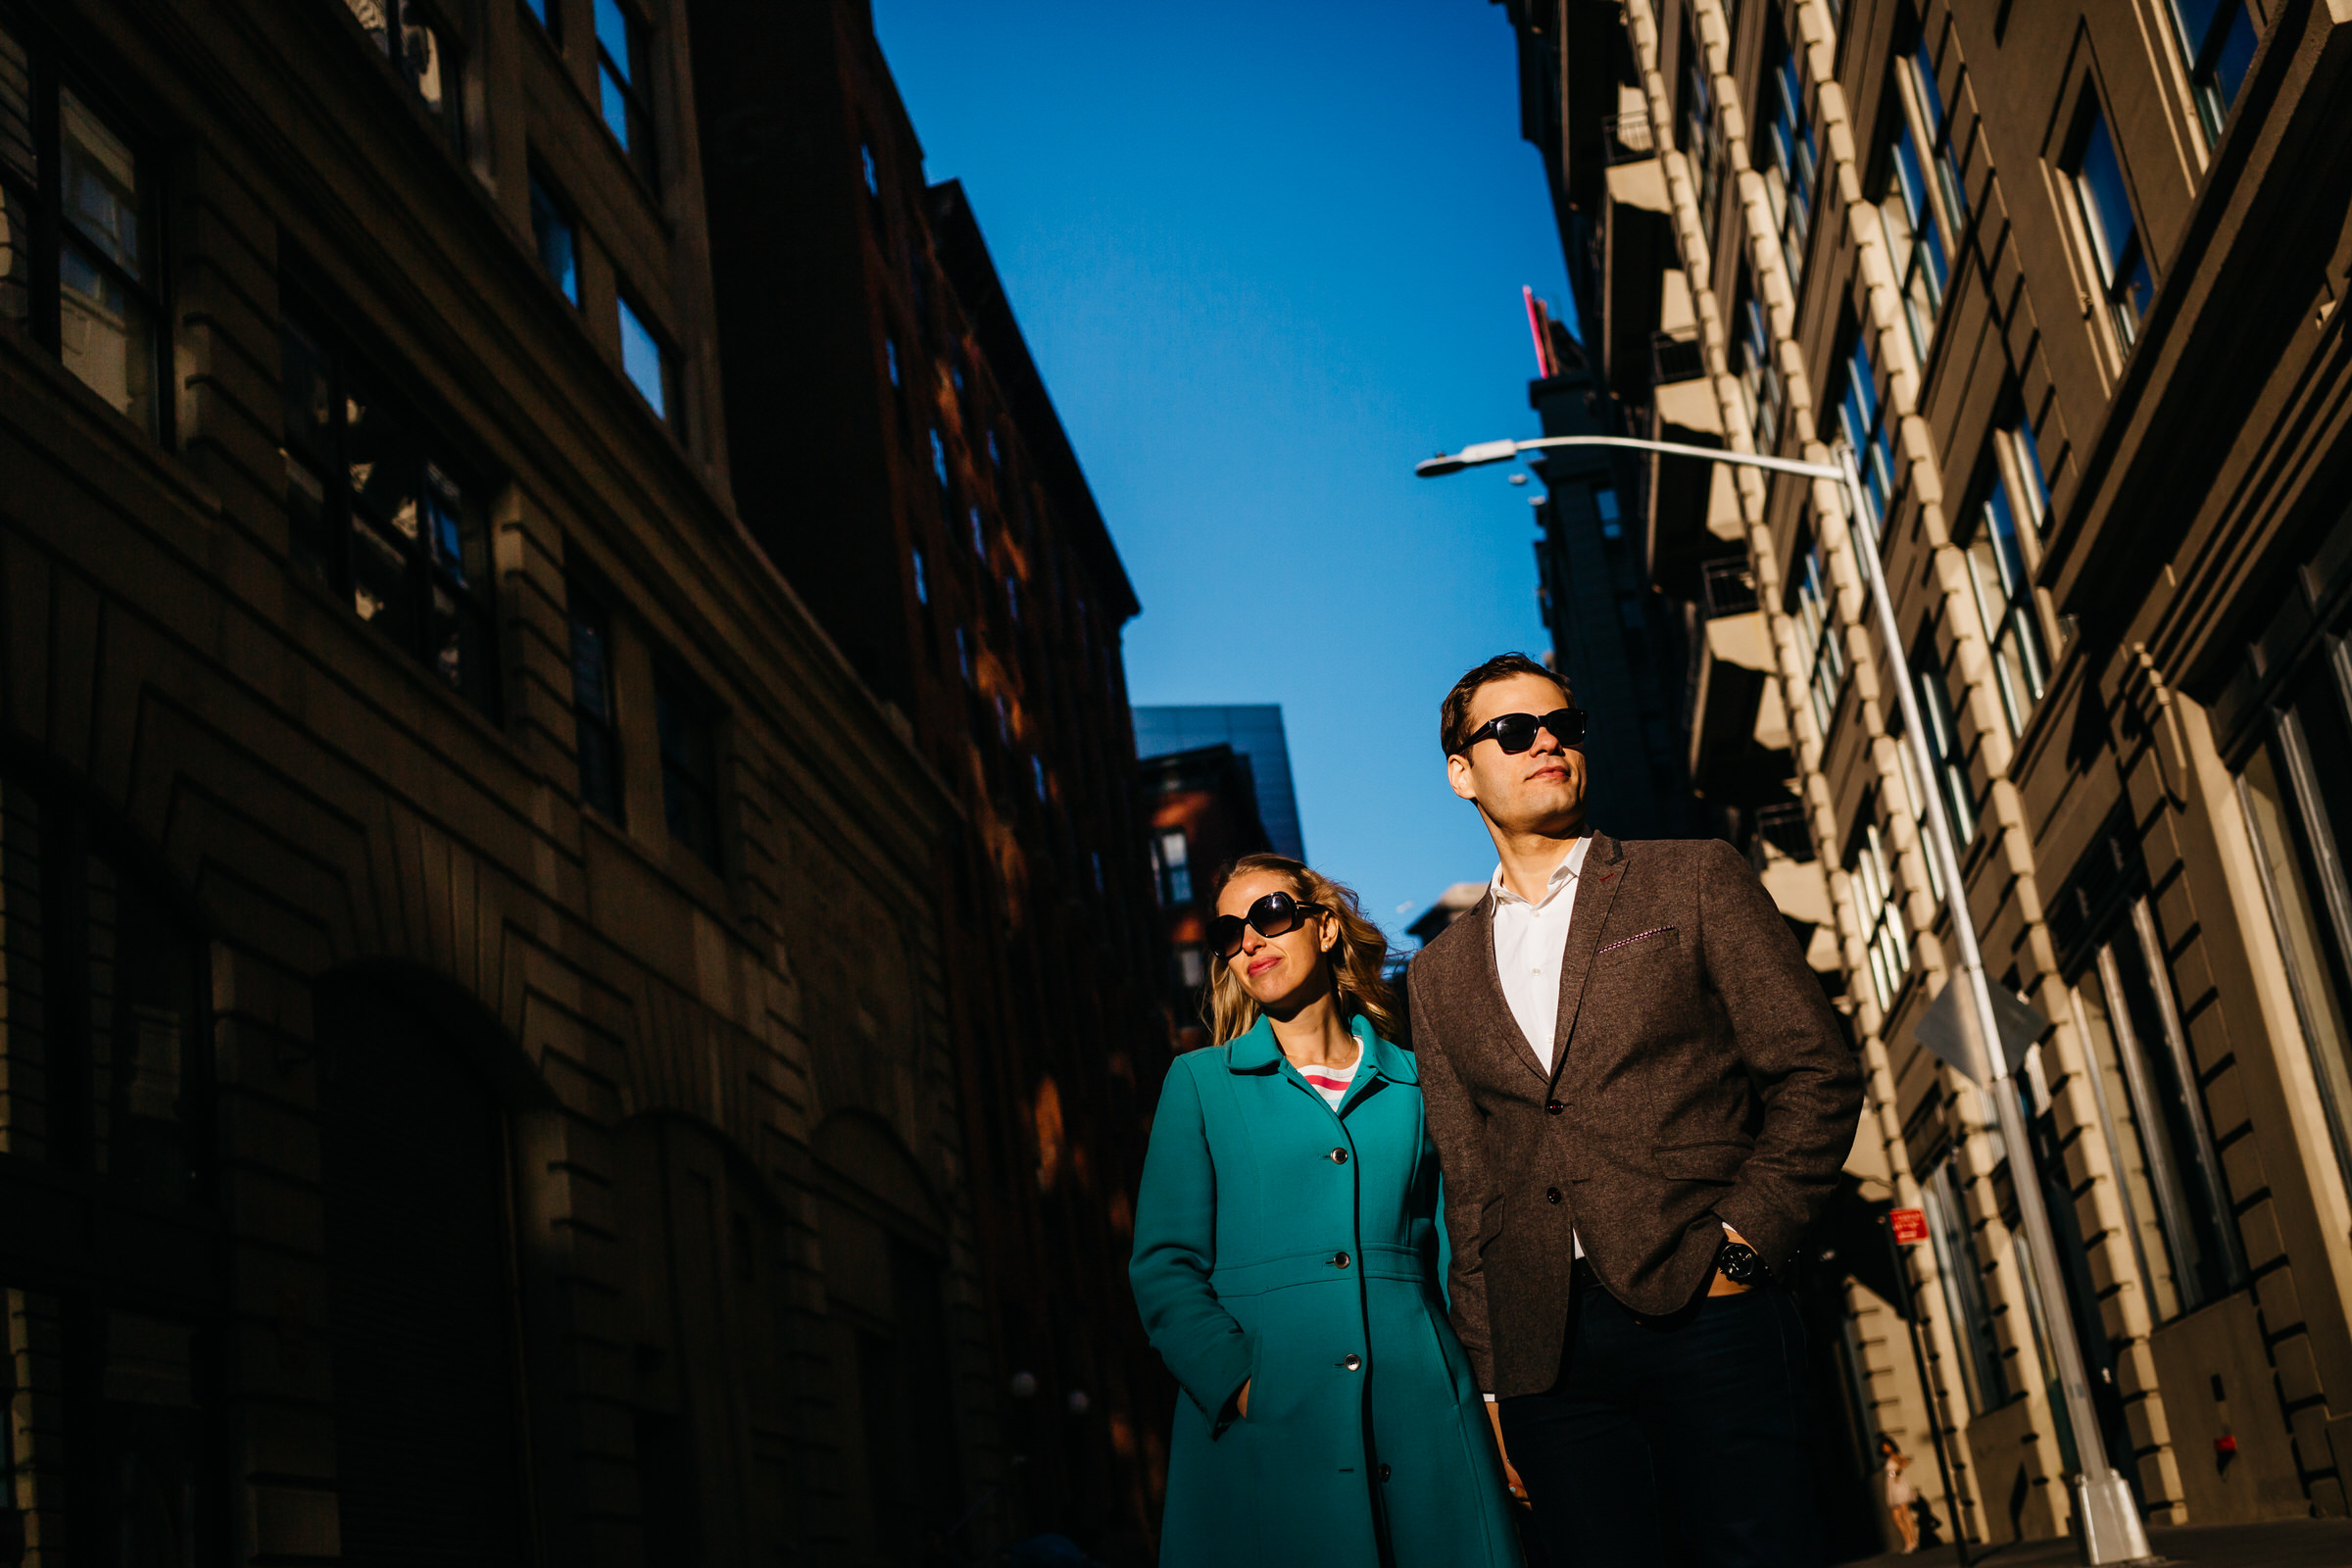 Michelle-Matt-Eng-NYC-148-1.jpg